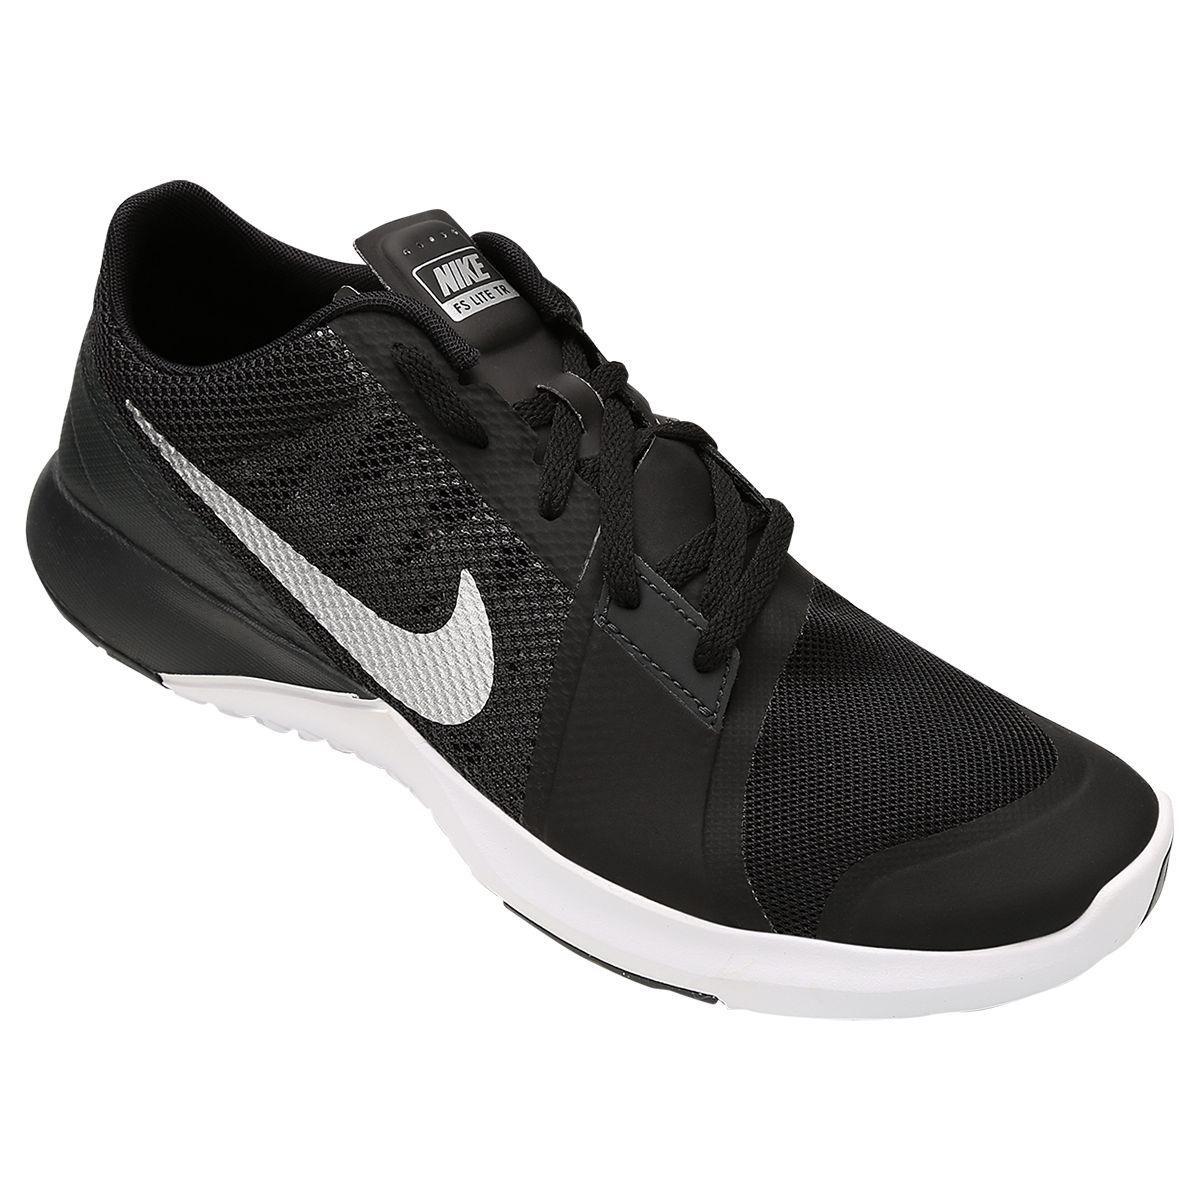 Tênis Nike FS Lite Trainer 3 Preto e Branco  4c14fc98ca9a2